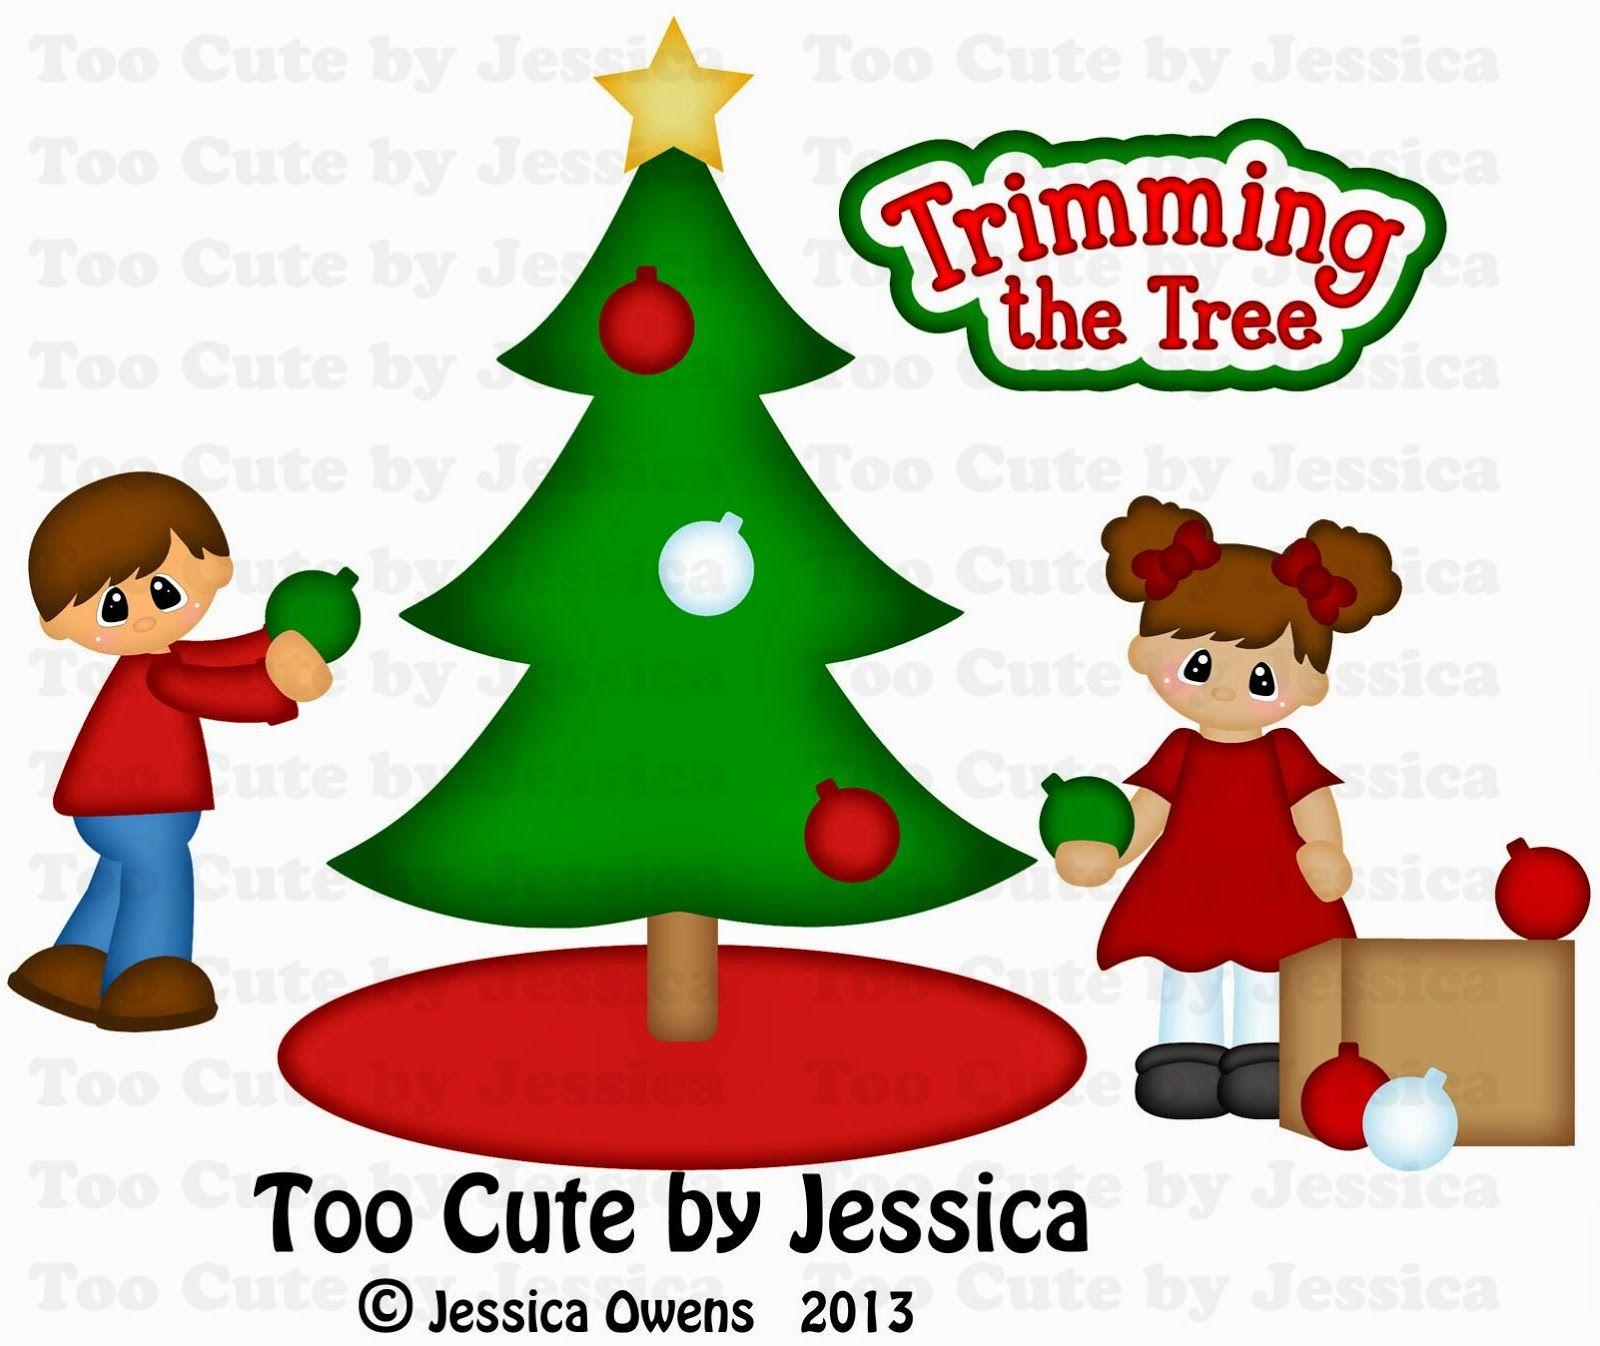 http://1.bp.blogspot.com/-qwHV4VHRNCo/UpjIMKlF1YI/AAAAAAAACJE/tI7J72Q0dXk/s1600/Trimming+the+Tree+pic.jpg